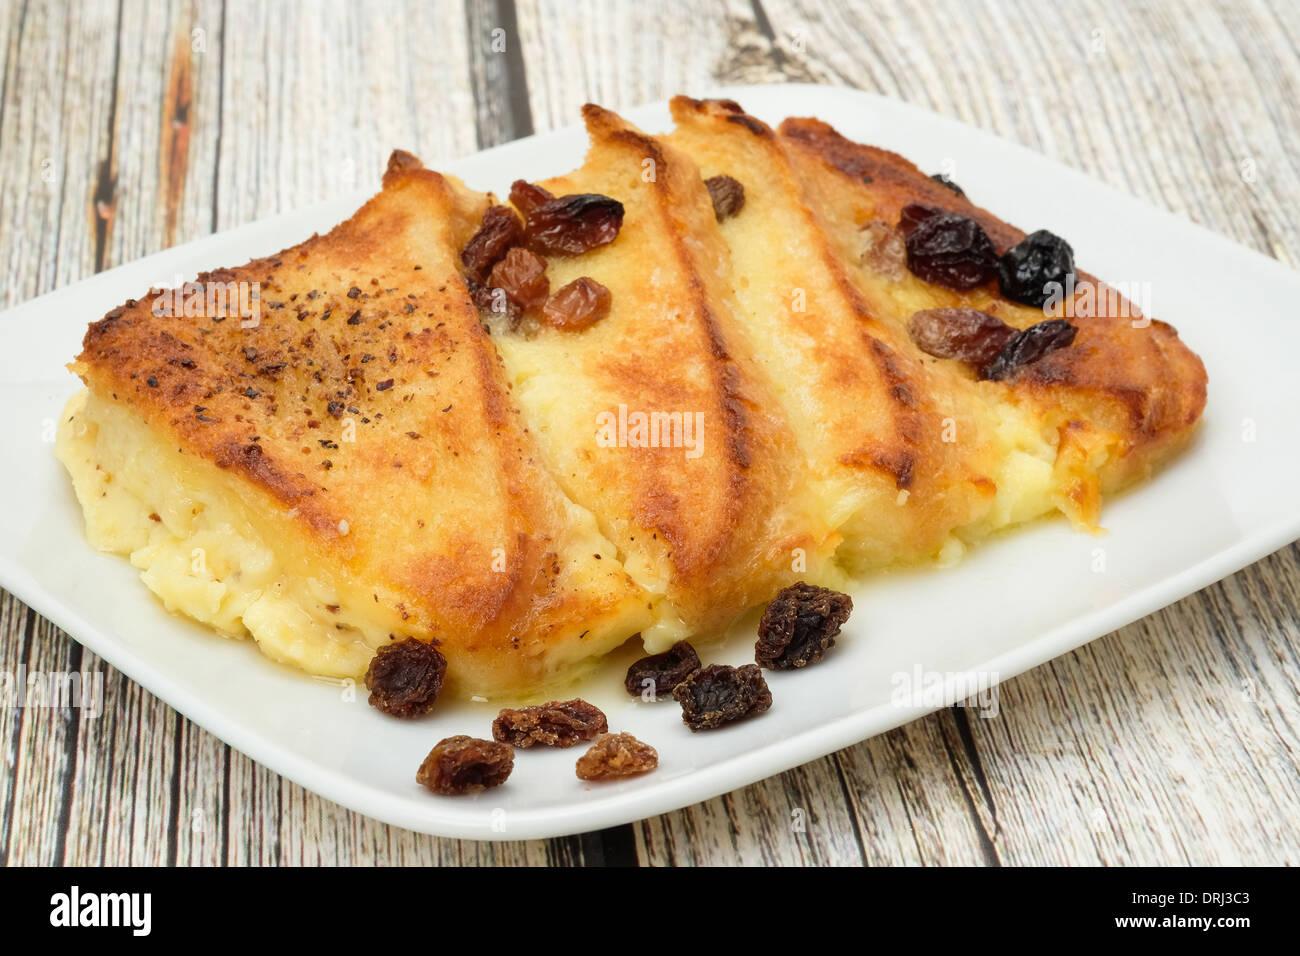 Recién horneadas el budín de pan y manteca - Foto de estudio Foto de stock